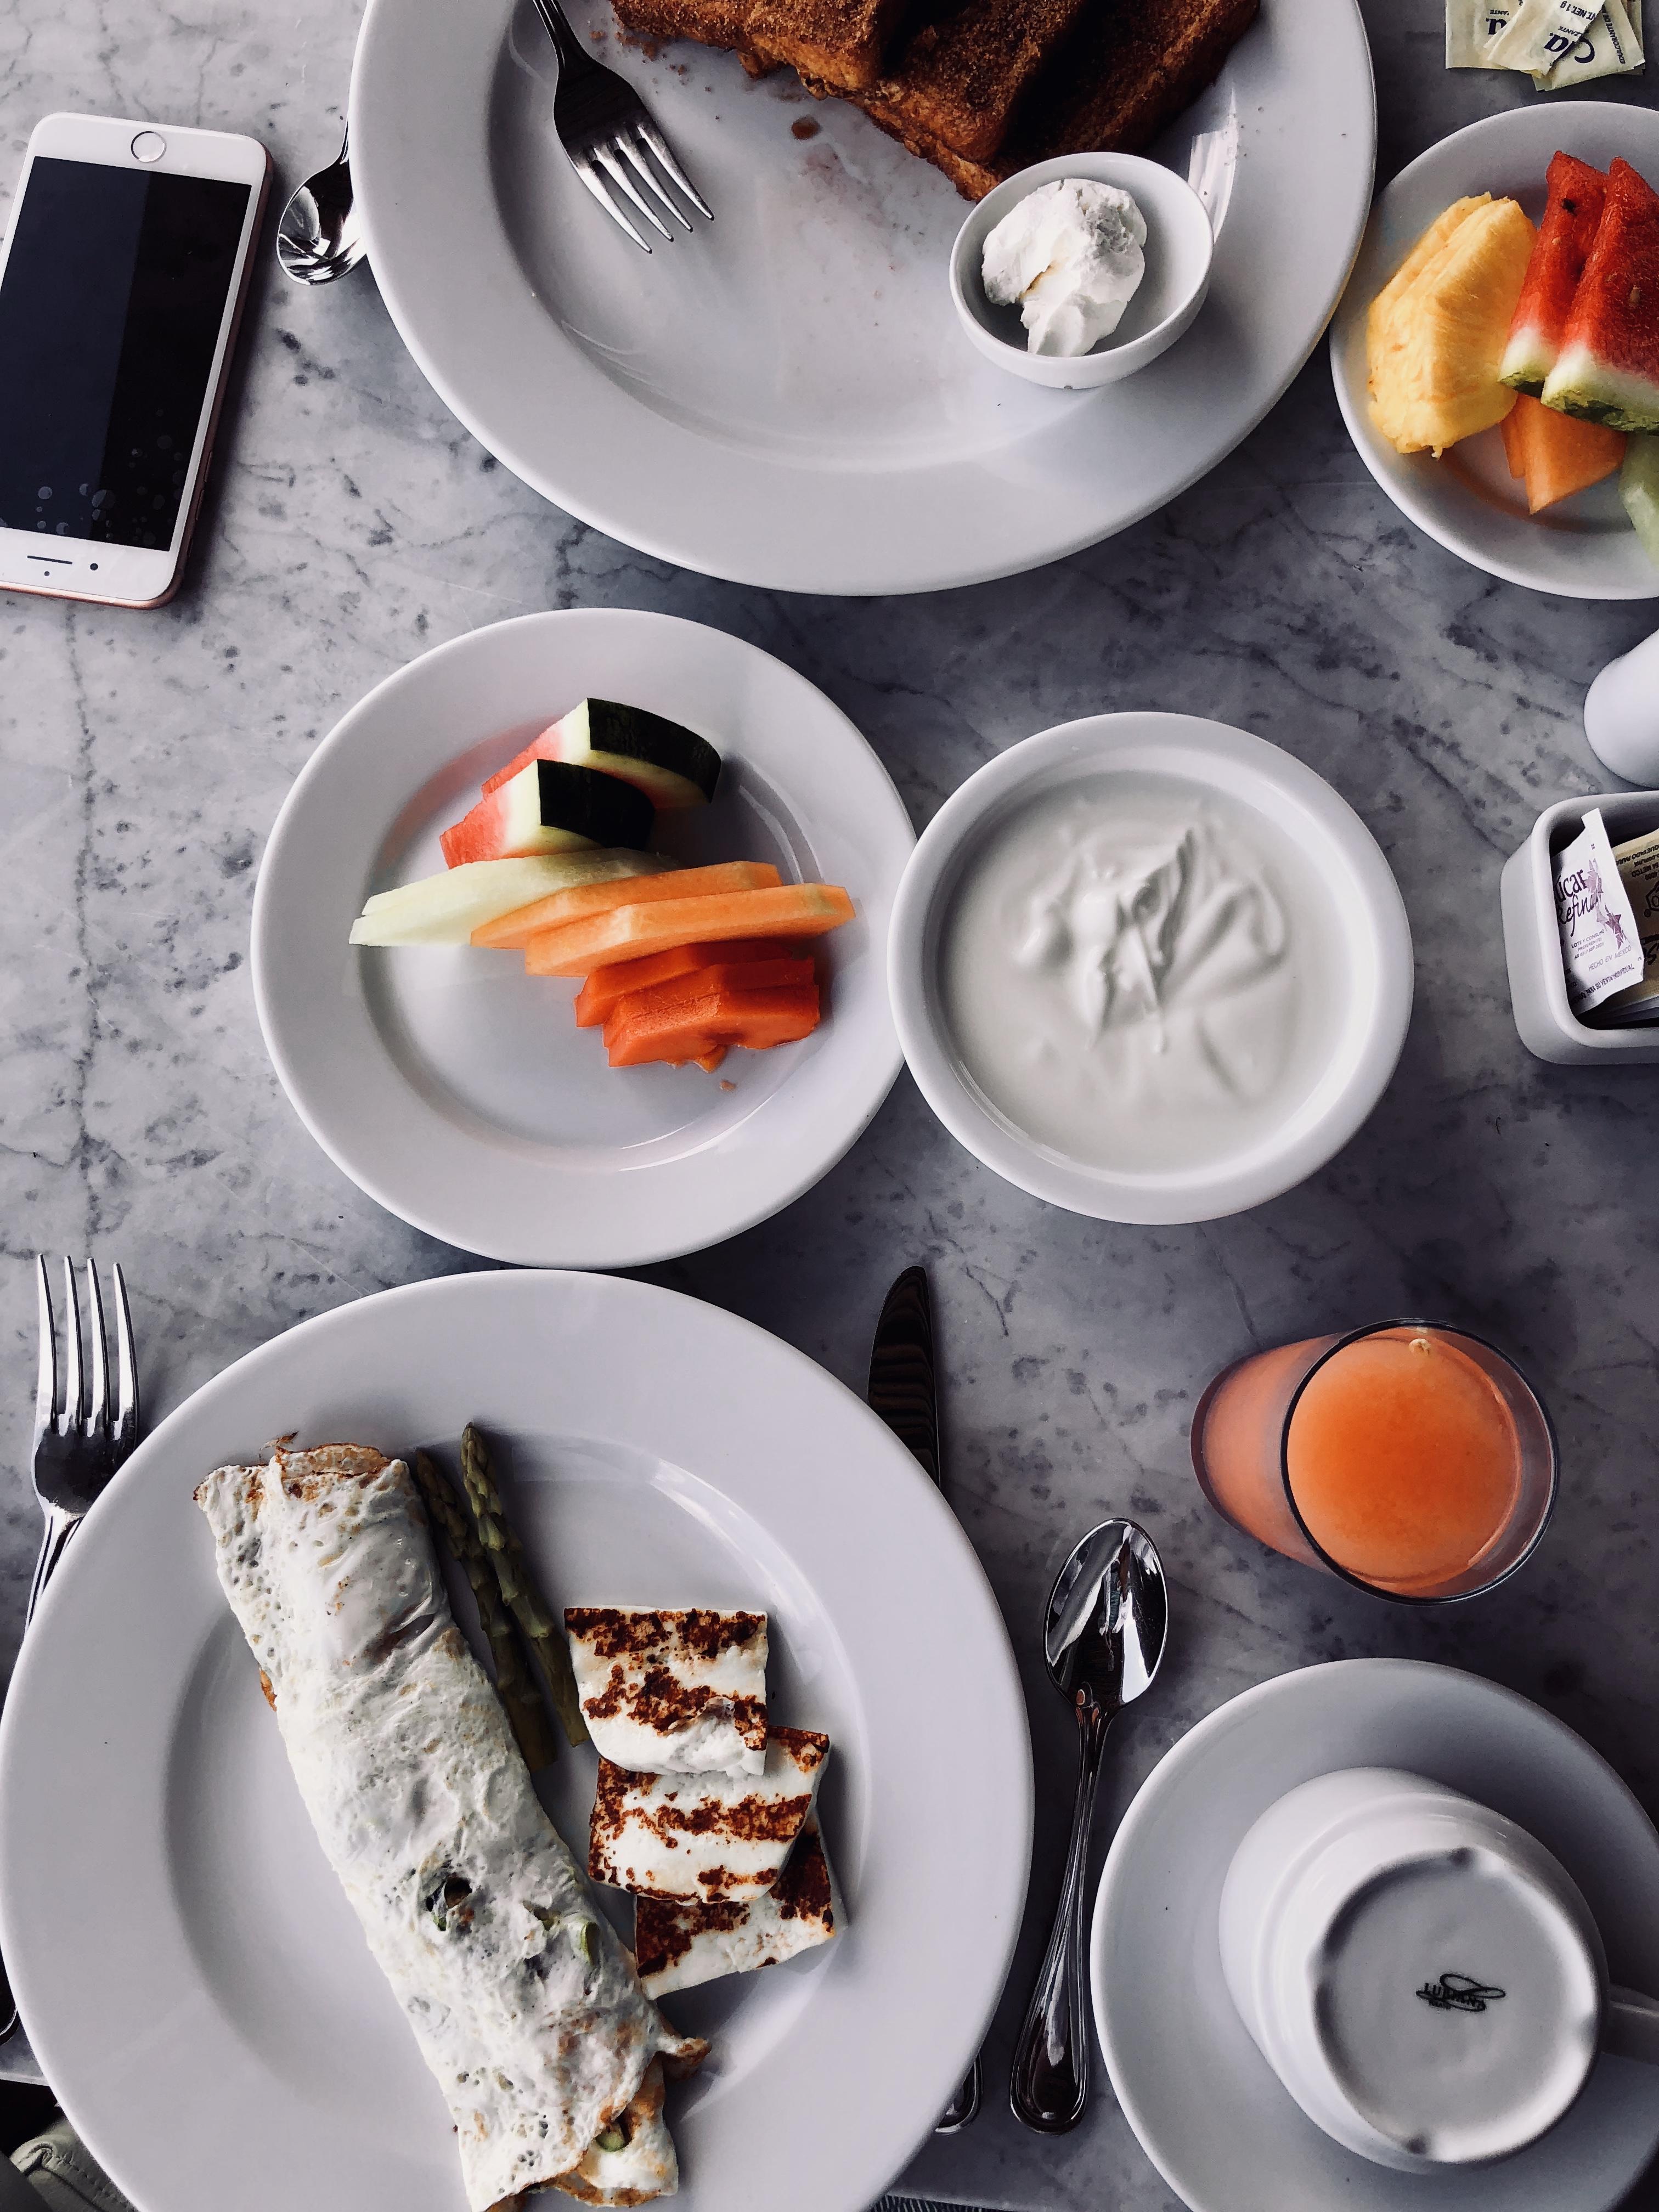 Breakfast by the Blue